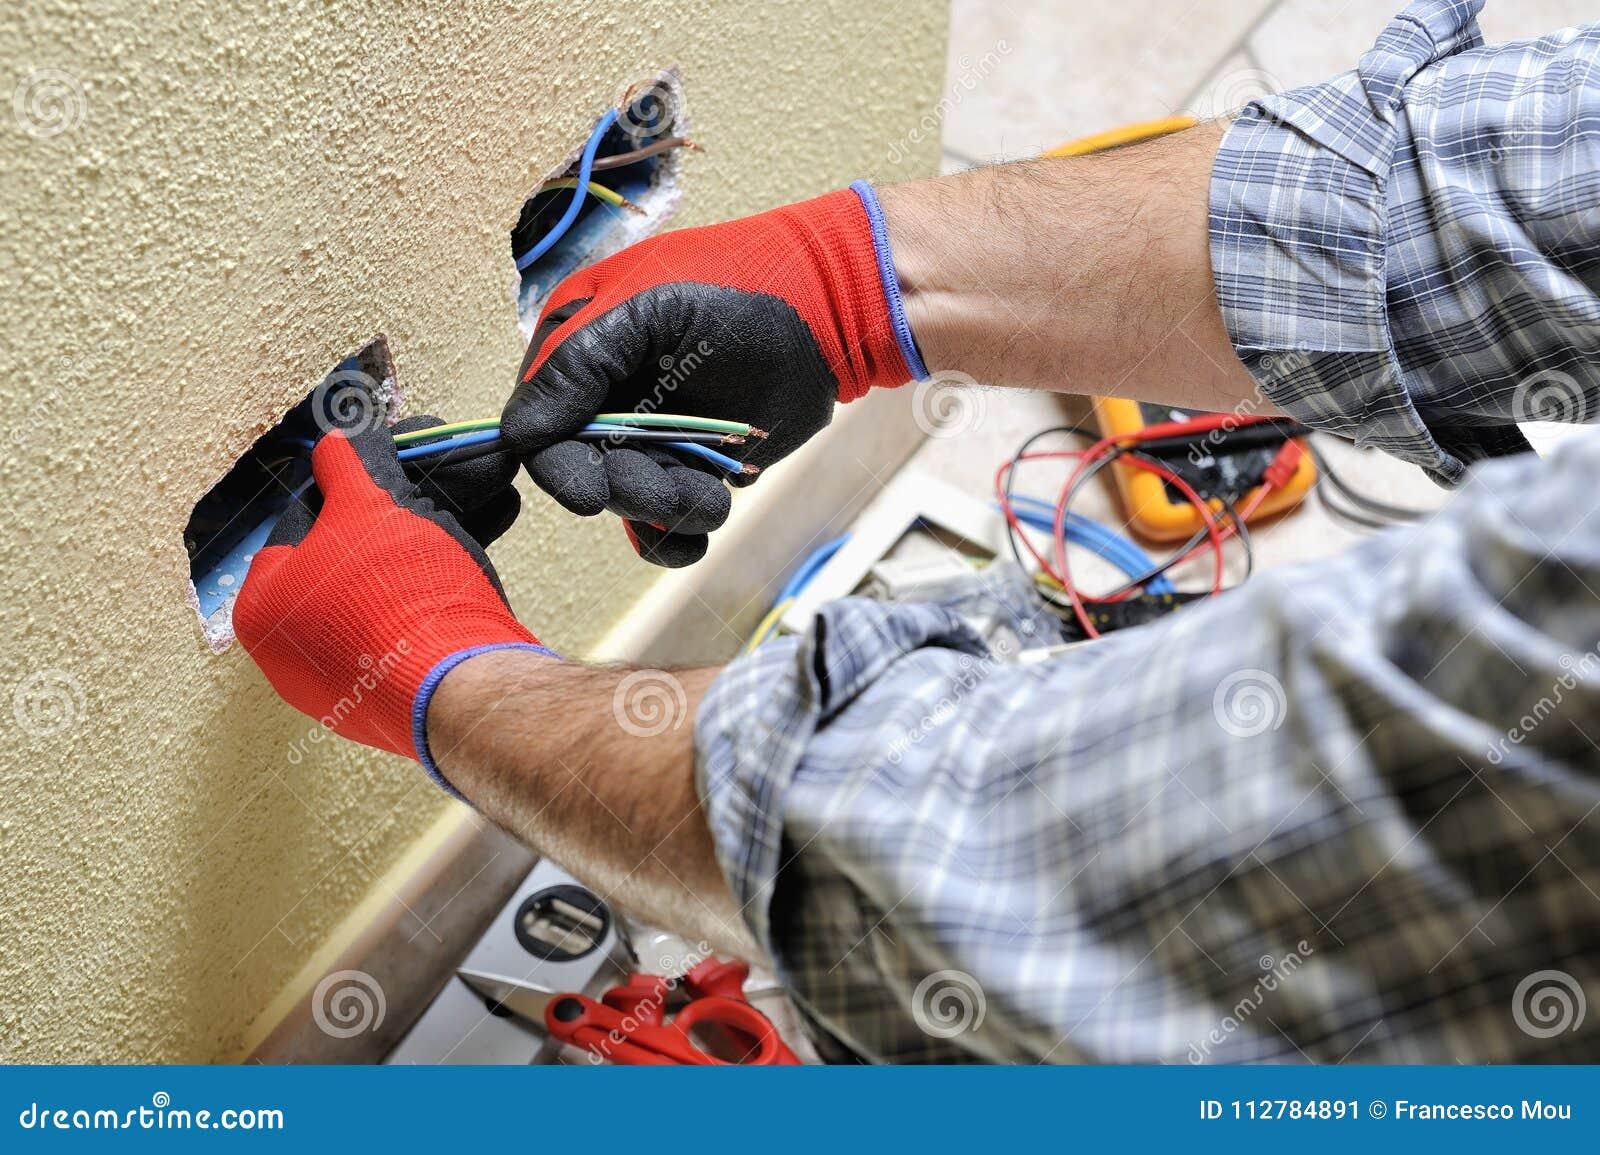 Elektrikertechniker bei der Arbeit mit Schutzausrüstung auf einem elektrischen Wohnsystem